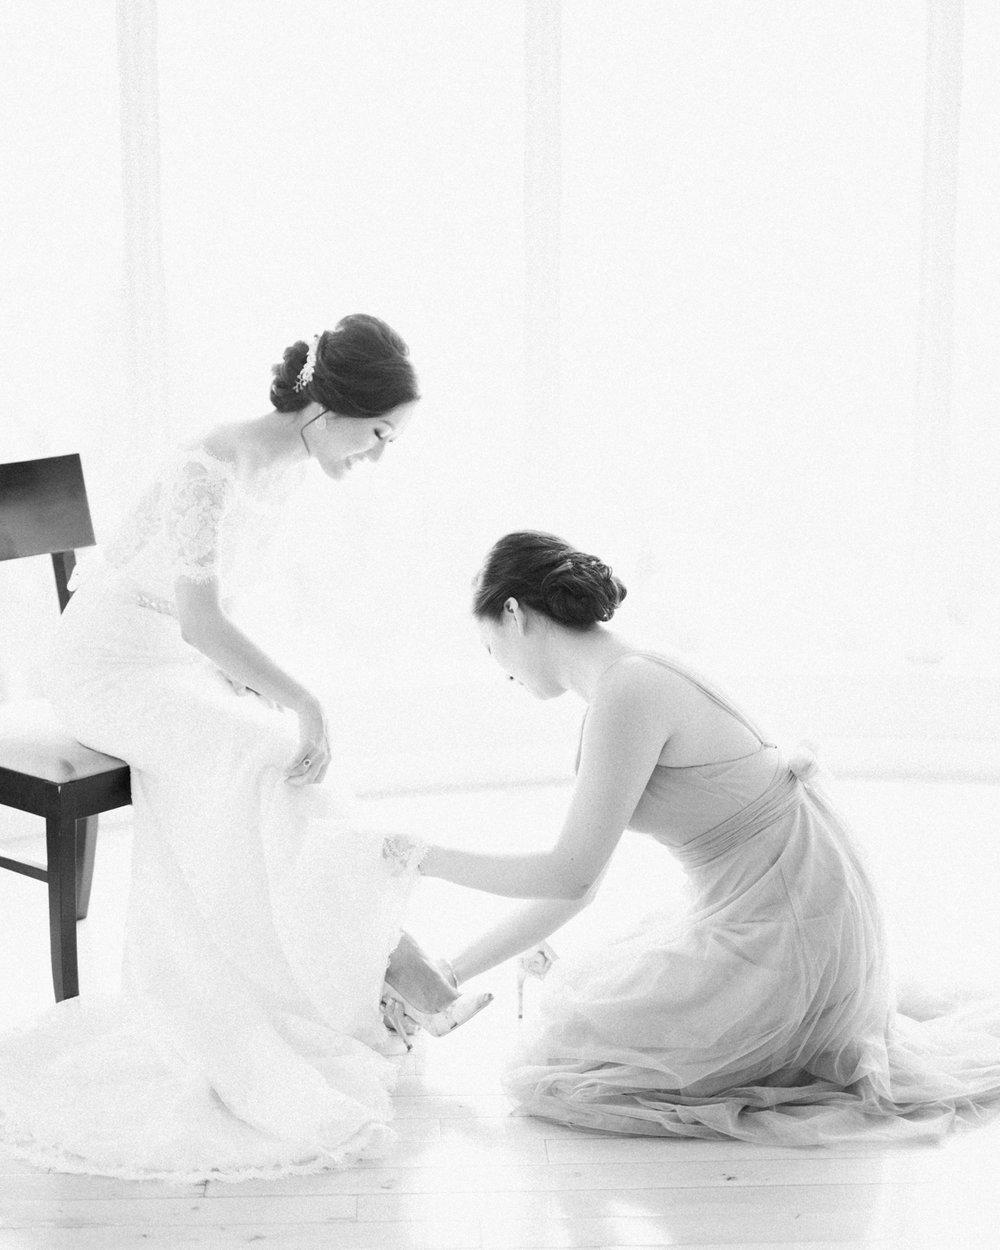 Greystone_Mansion_Wedding_Fine_Art_Film_Wedding_Photography_AKP-5.jpg